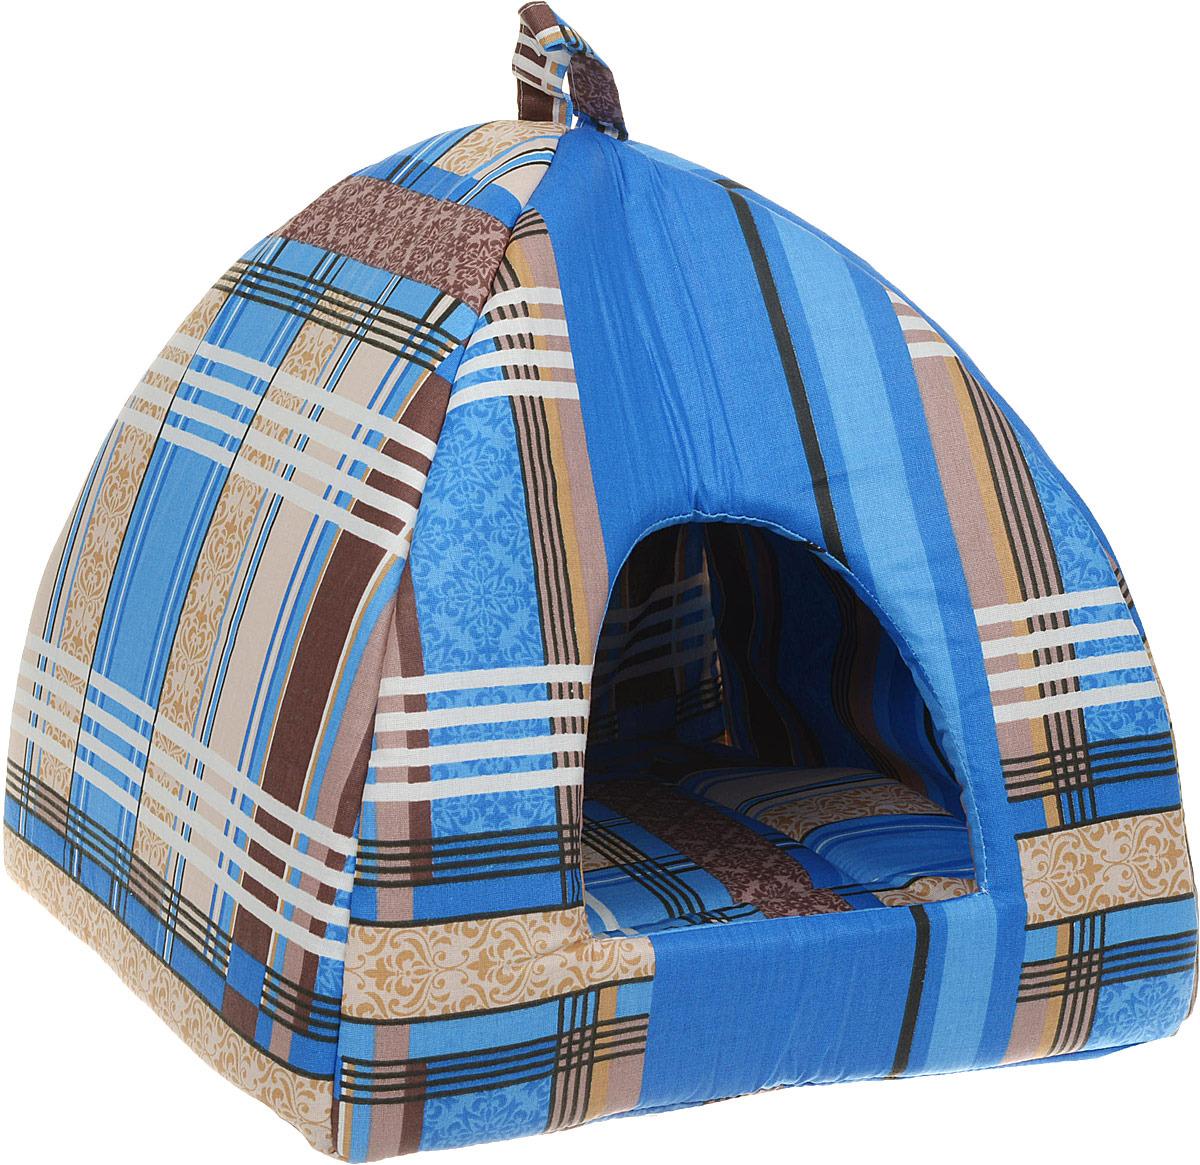 Лежак для животных ЗооМарк Домик-купол Клетка, малый, к-01КС, синий, 40 х 40 х 45 см домик для животных pride ватсон цвет салатовый 40 х 40 х 40 см 10031151